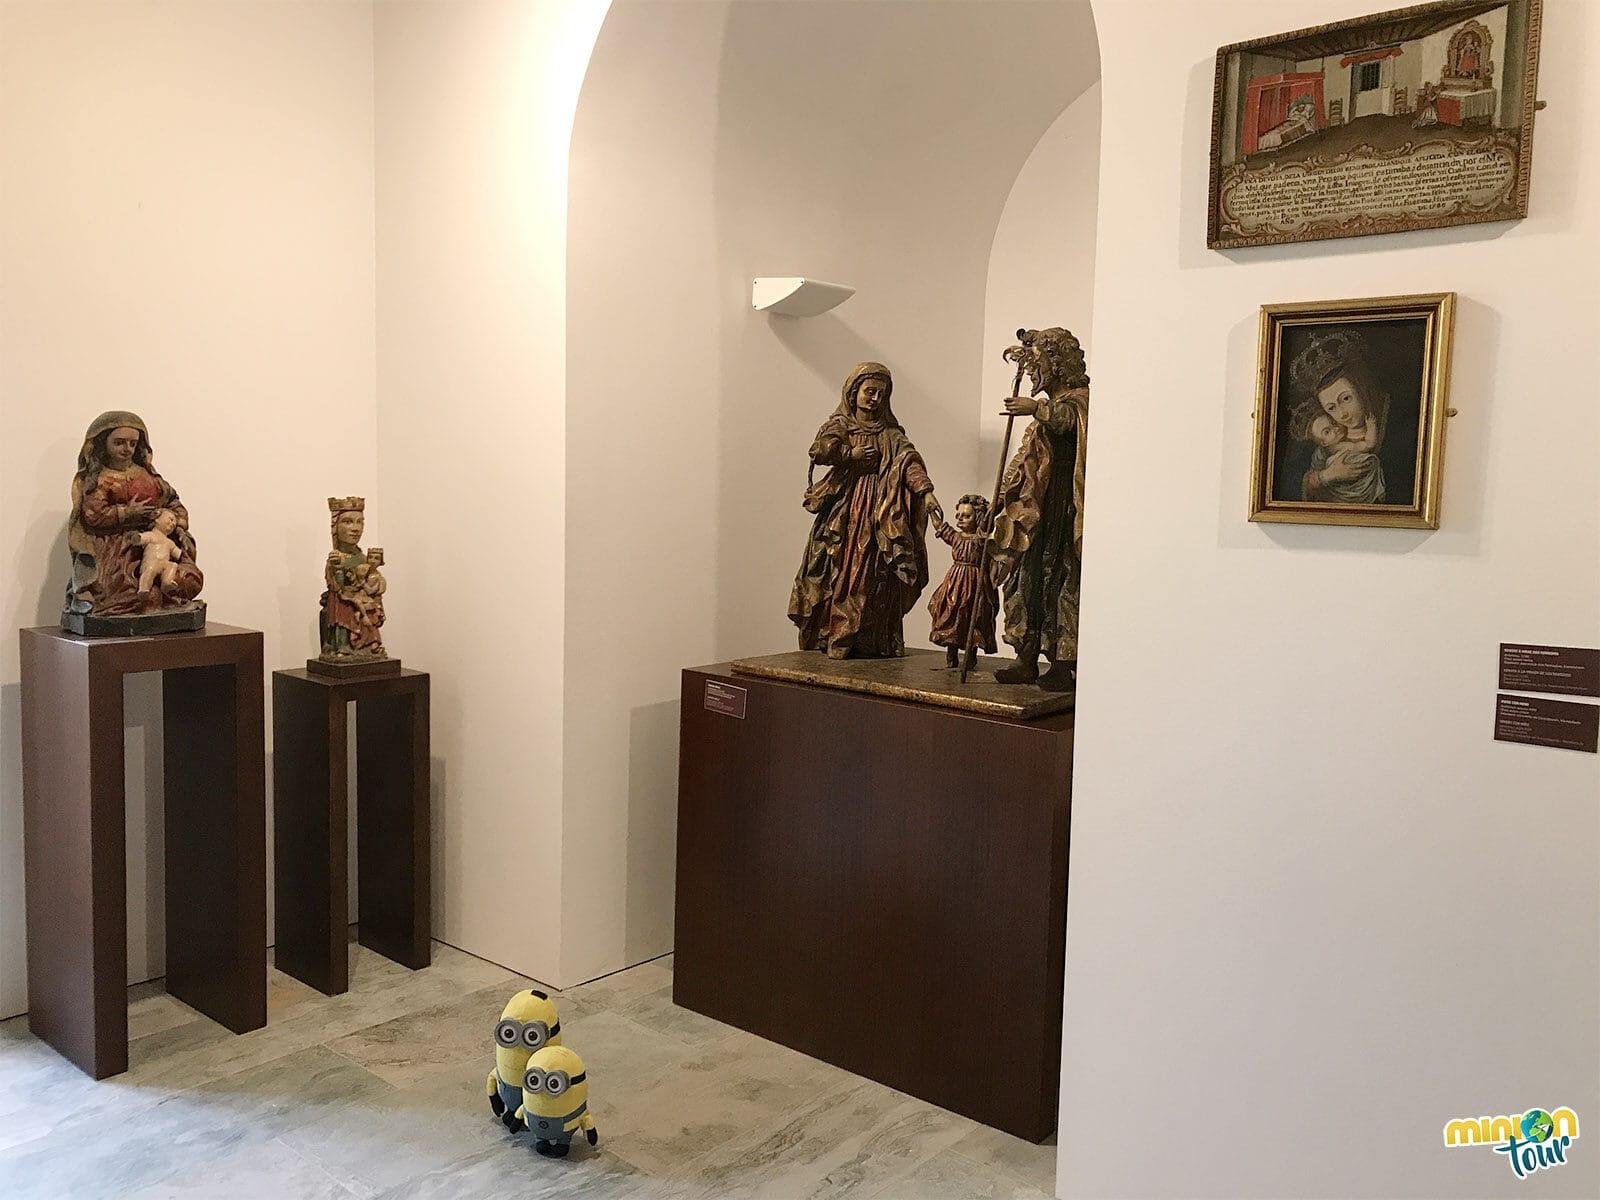 La Sagrada Familia de esta sala del museo nos llamó mucho la atención